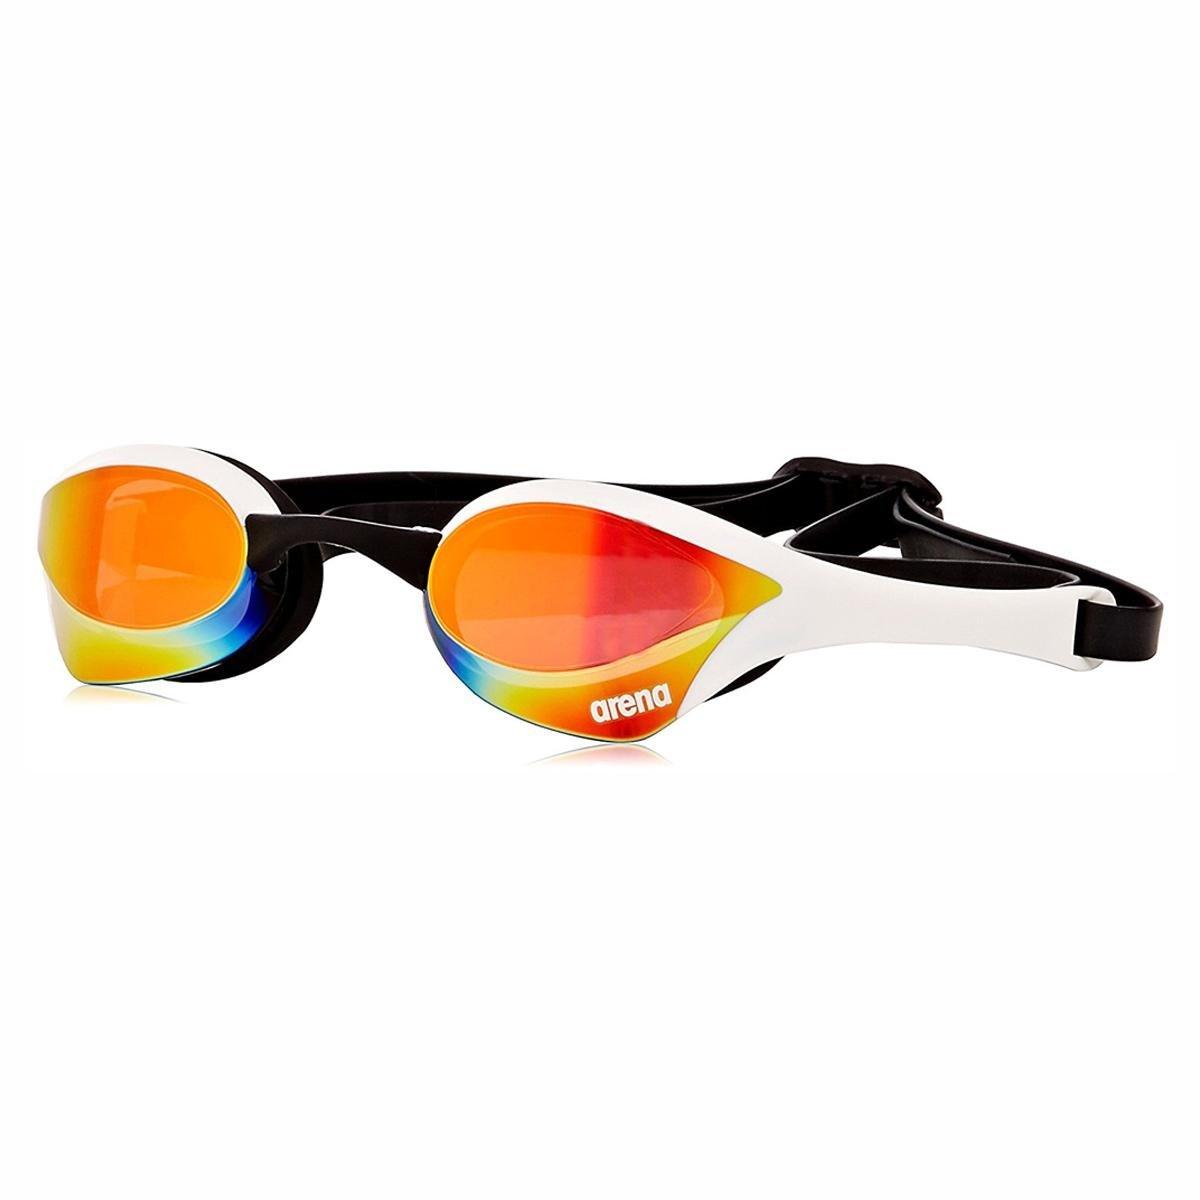 72bdefa63 Óculos de Natação Profissional Espelhado Arena Cobra Ultra Mirror -  Vermelho e Branco